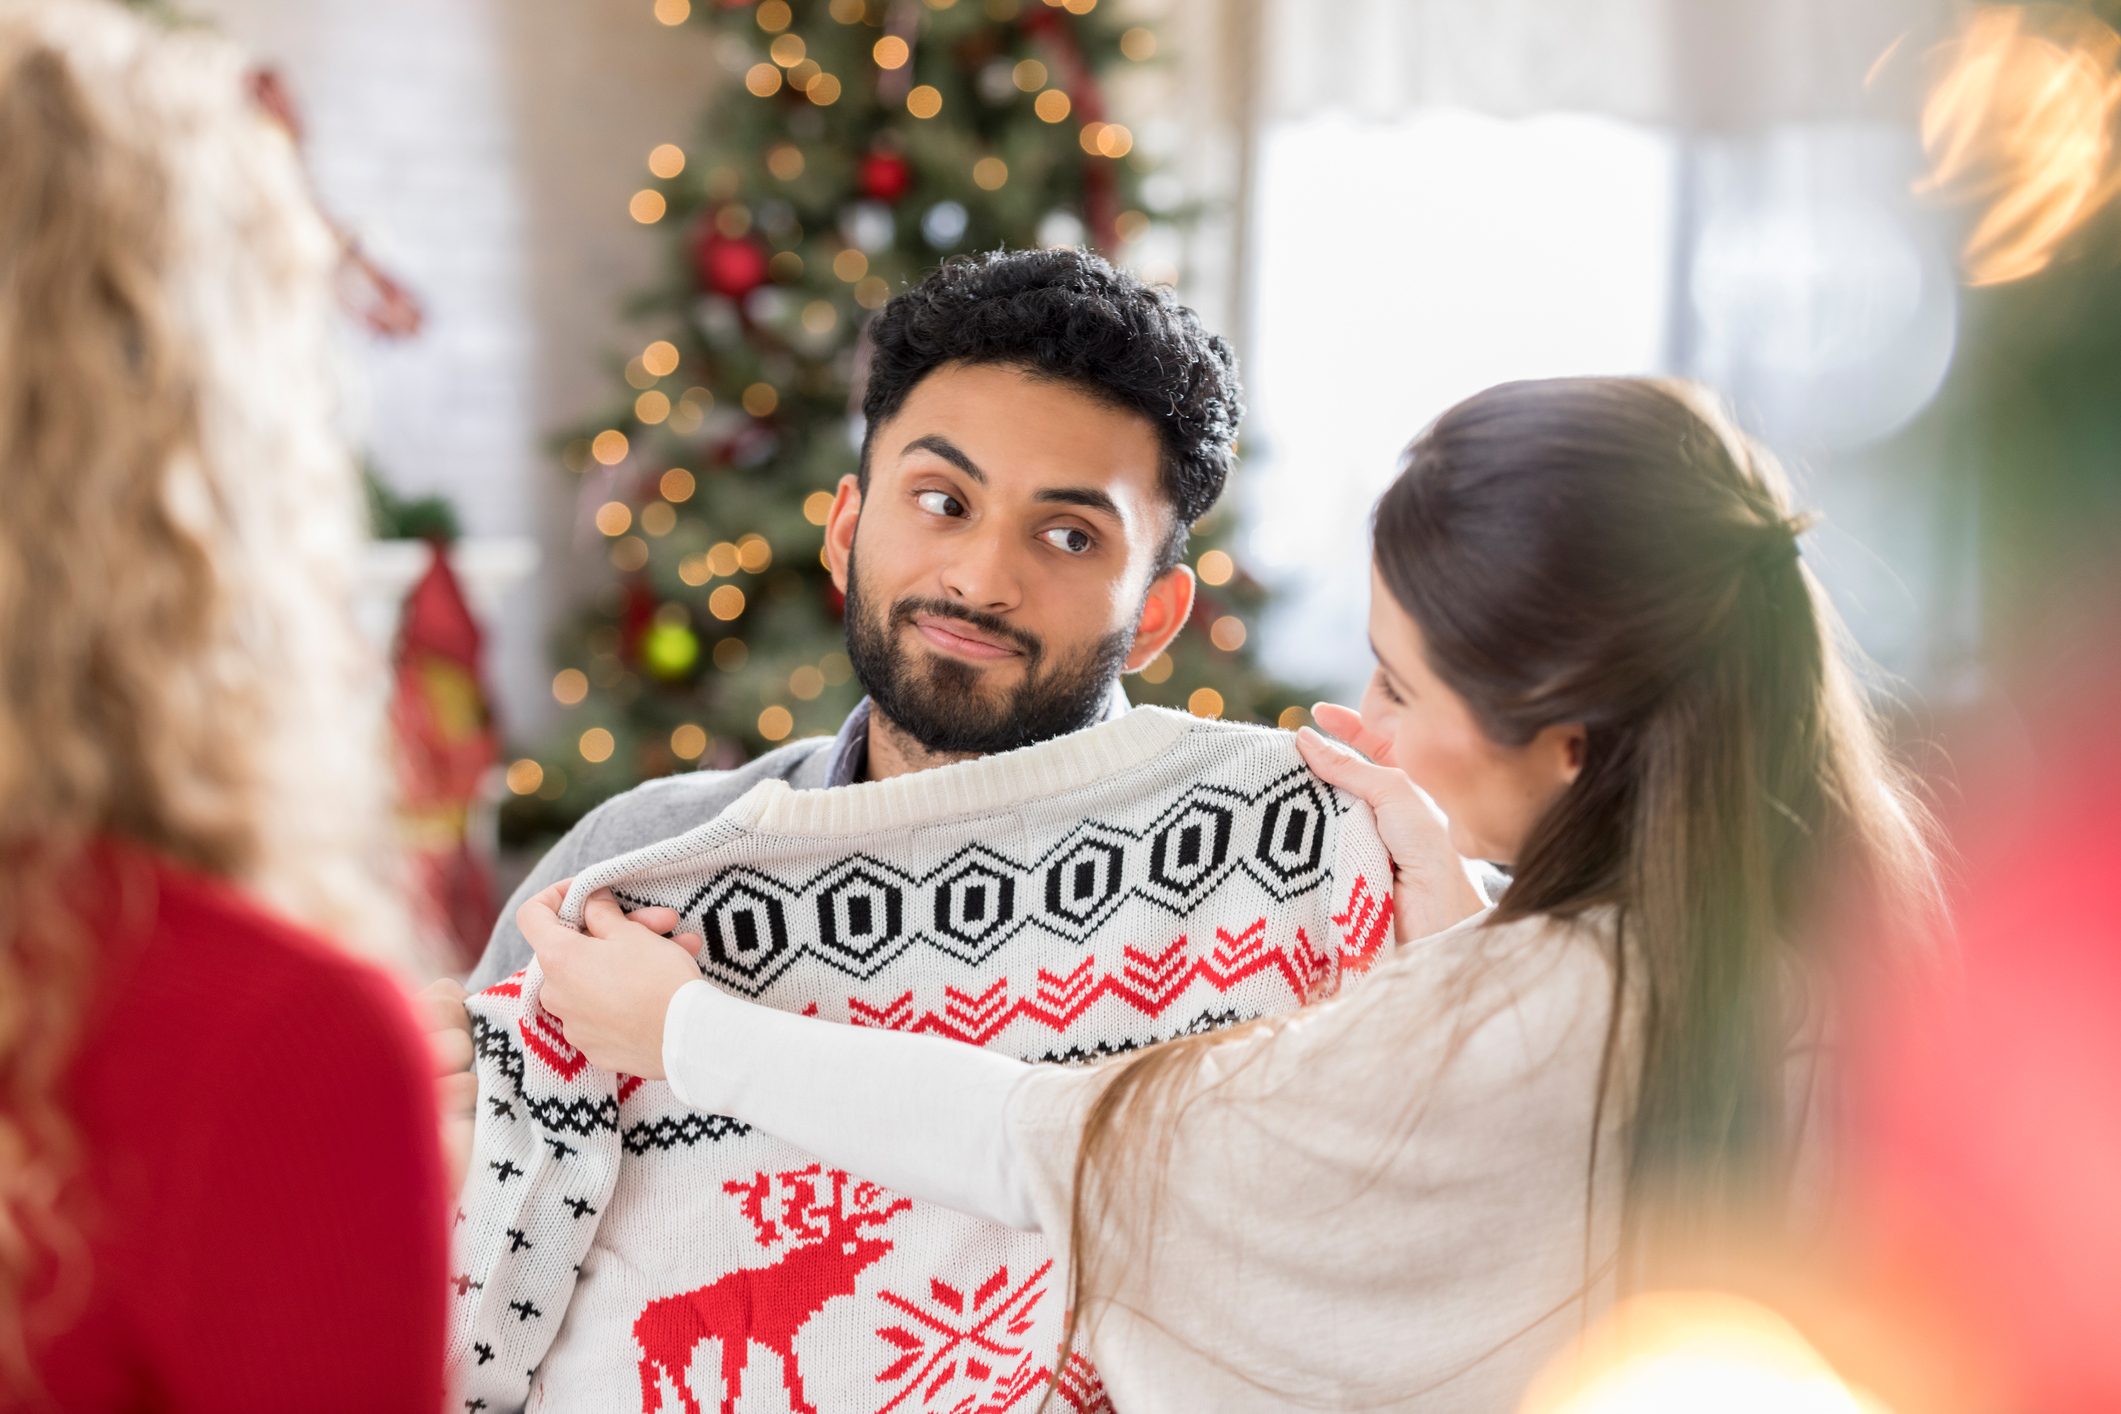 Die Ökonomie der Weihnachtsgeschenke